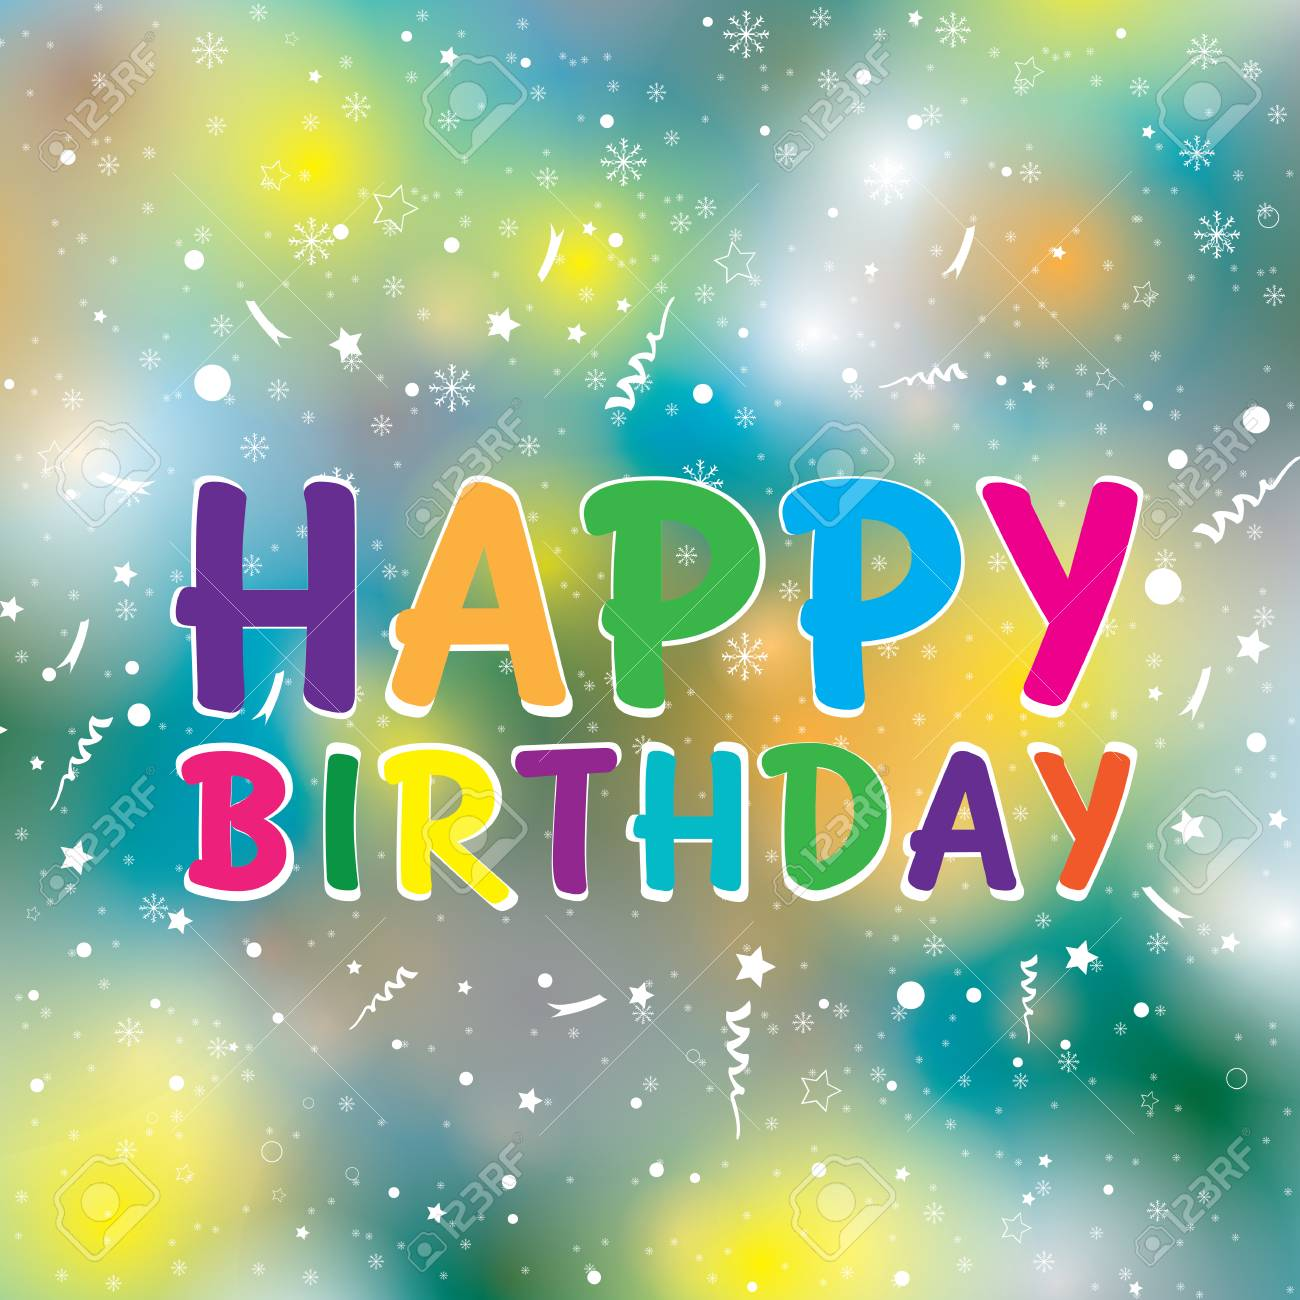 Joyeux Anniversaire Sur Fond Colore Bon Anniversaire Clip Art Libres De Droits Vecteurs Et Illustration Image 58230820